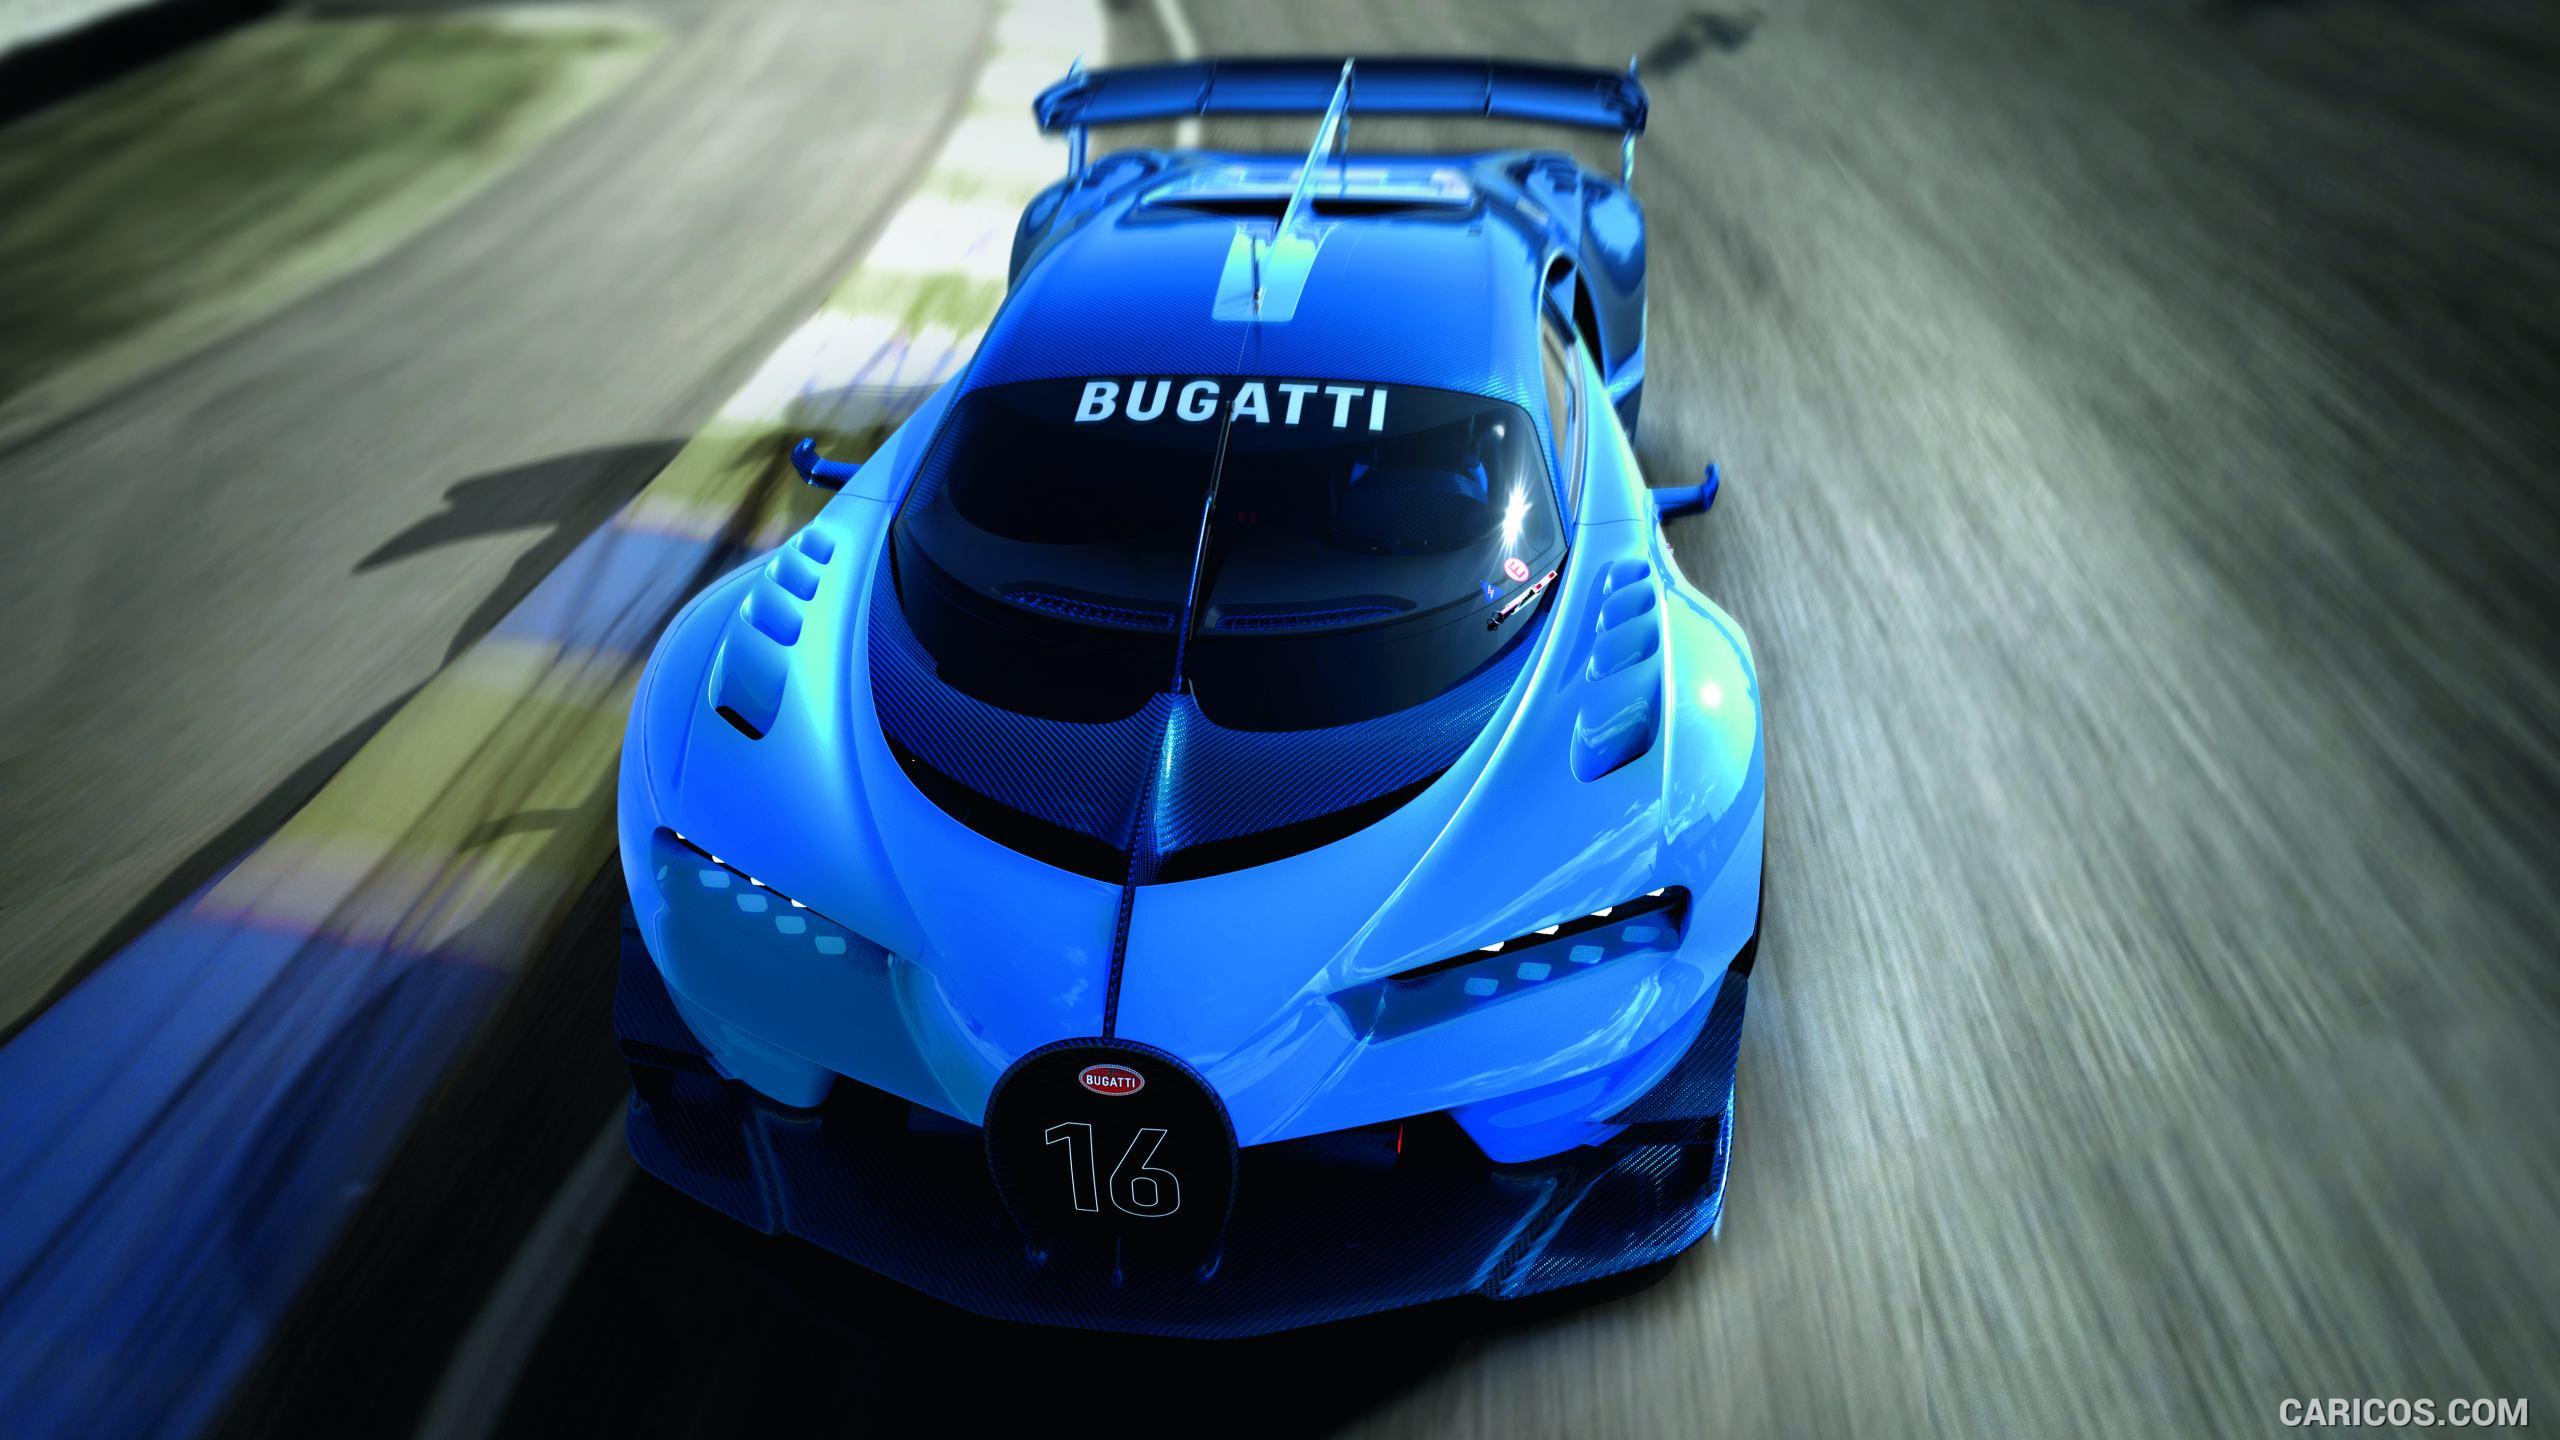 2015 Bugatti Vision Gran Turismo Concept   Top HD Wallpaper 8 2560x1440